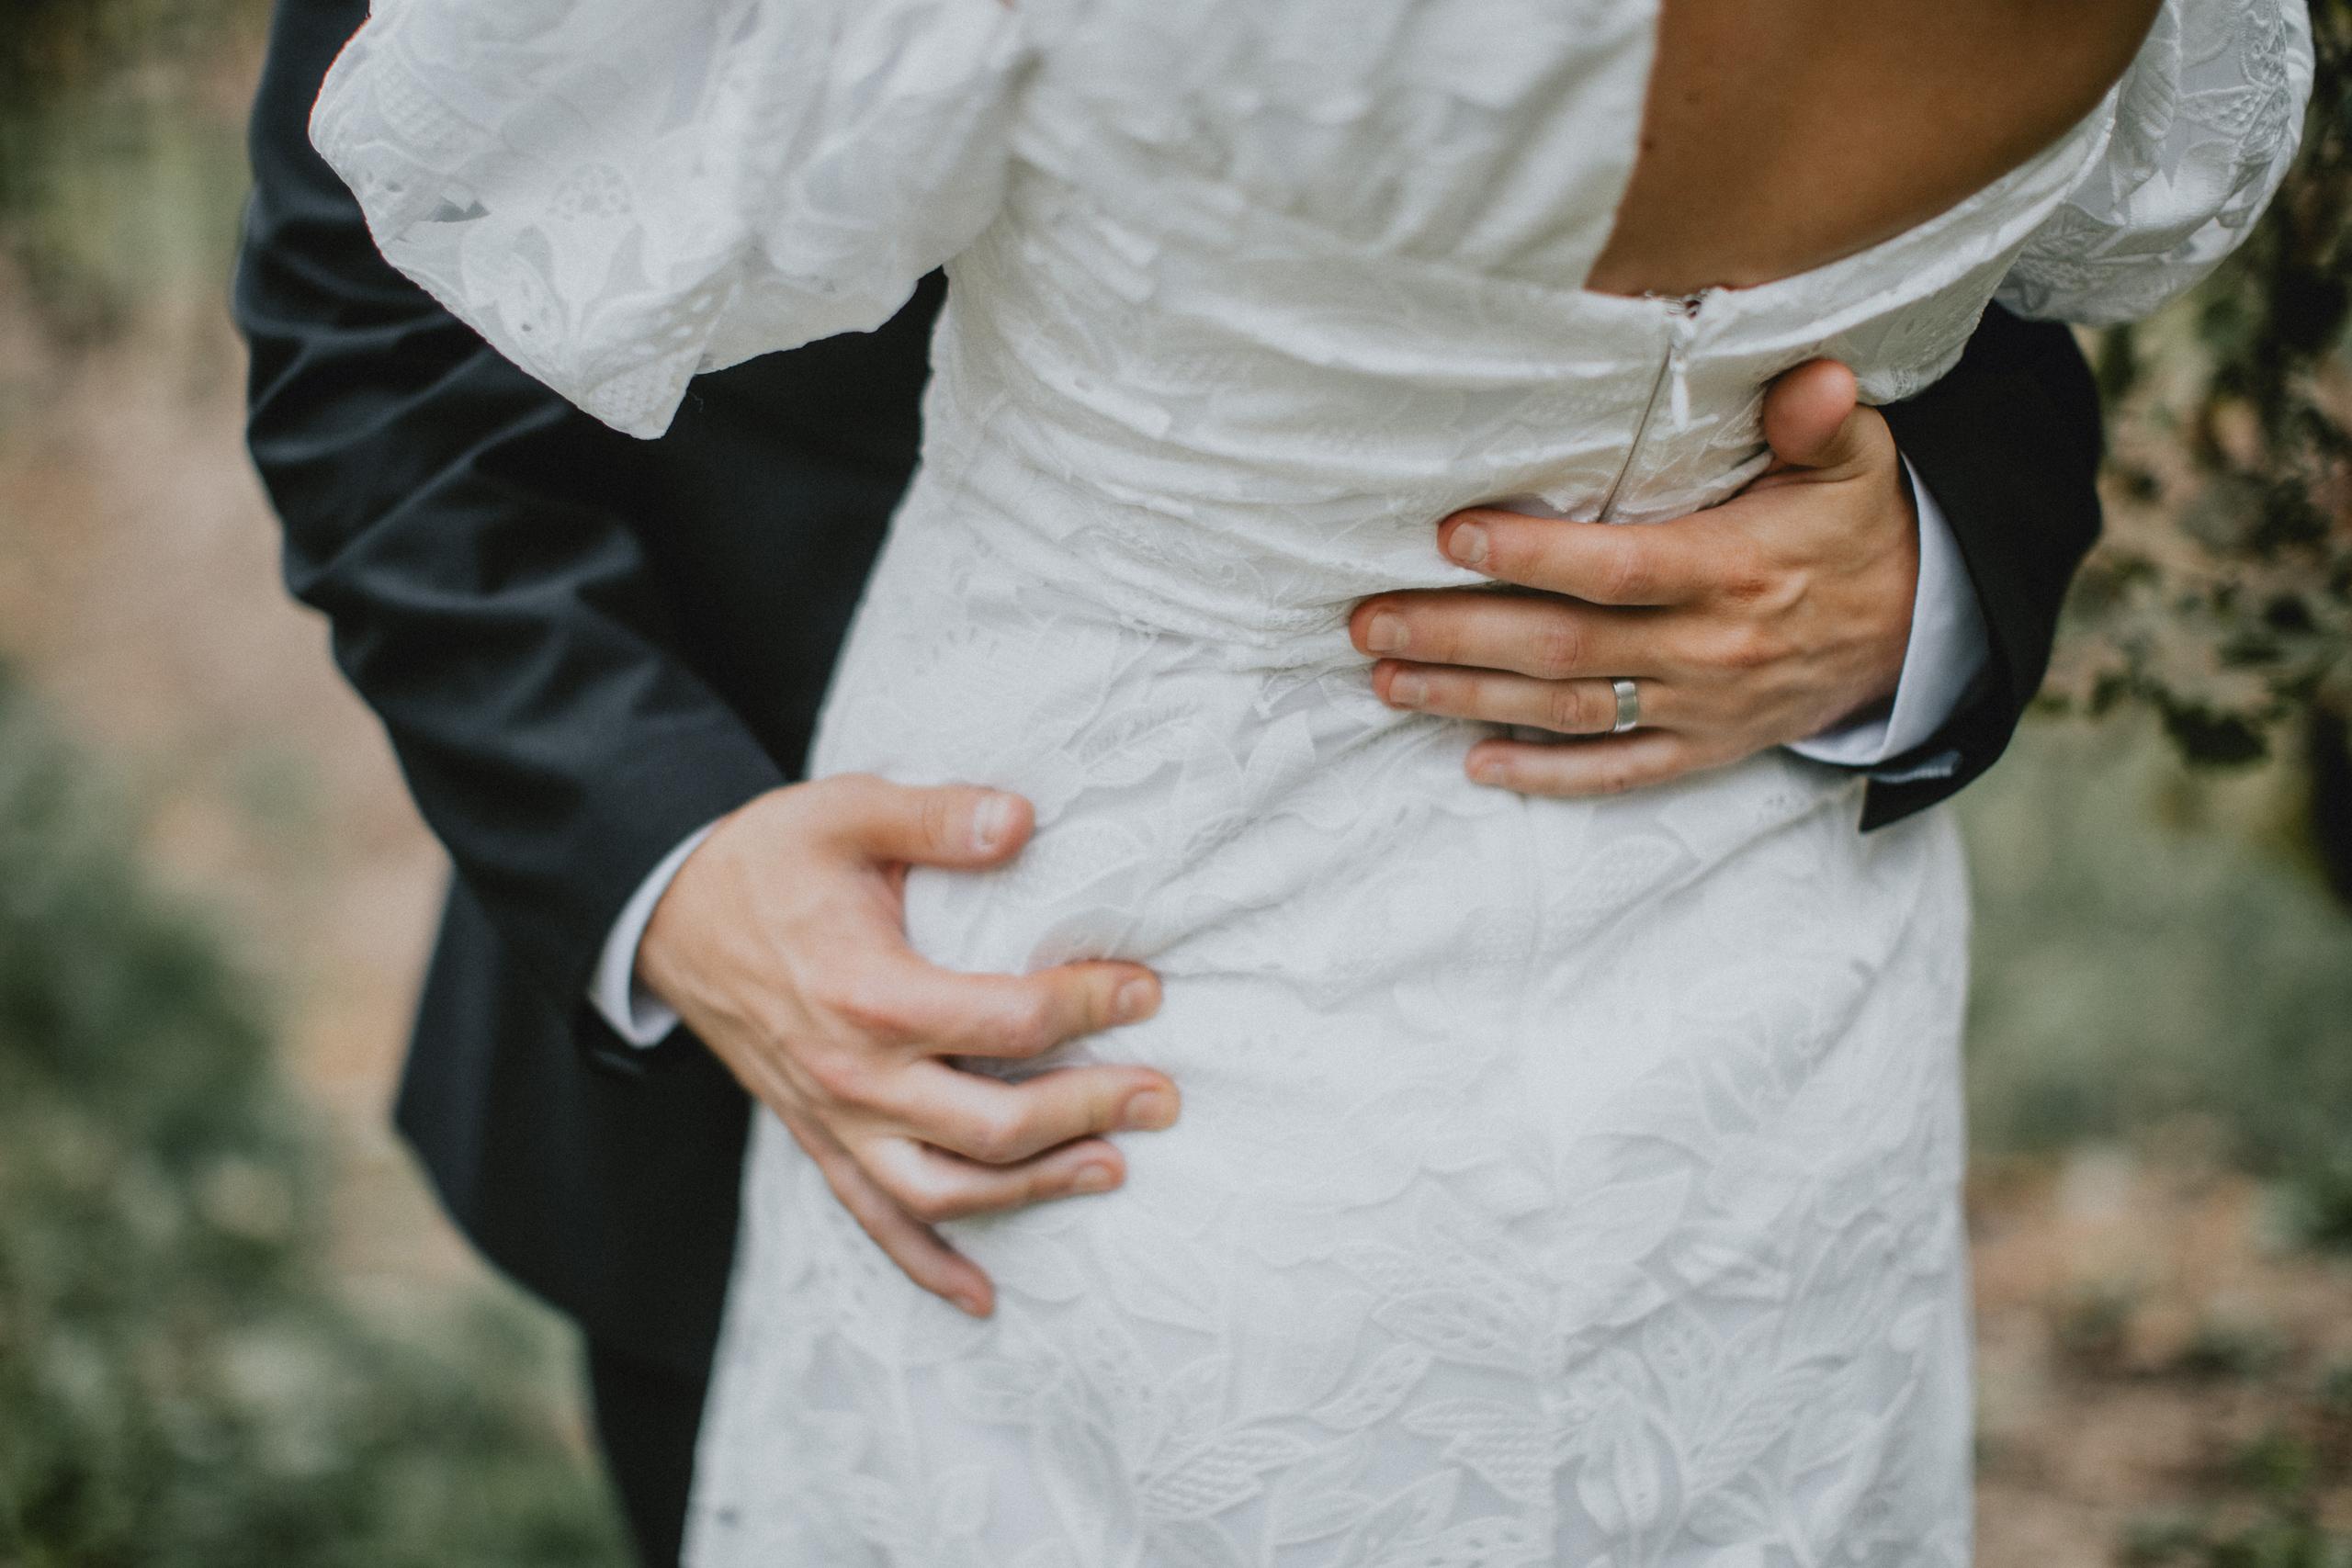 wedding rings romance vineyard bride groom afterglow